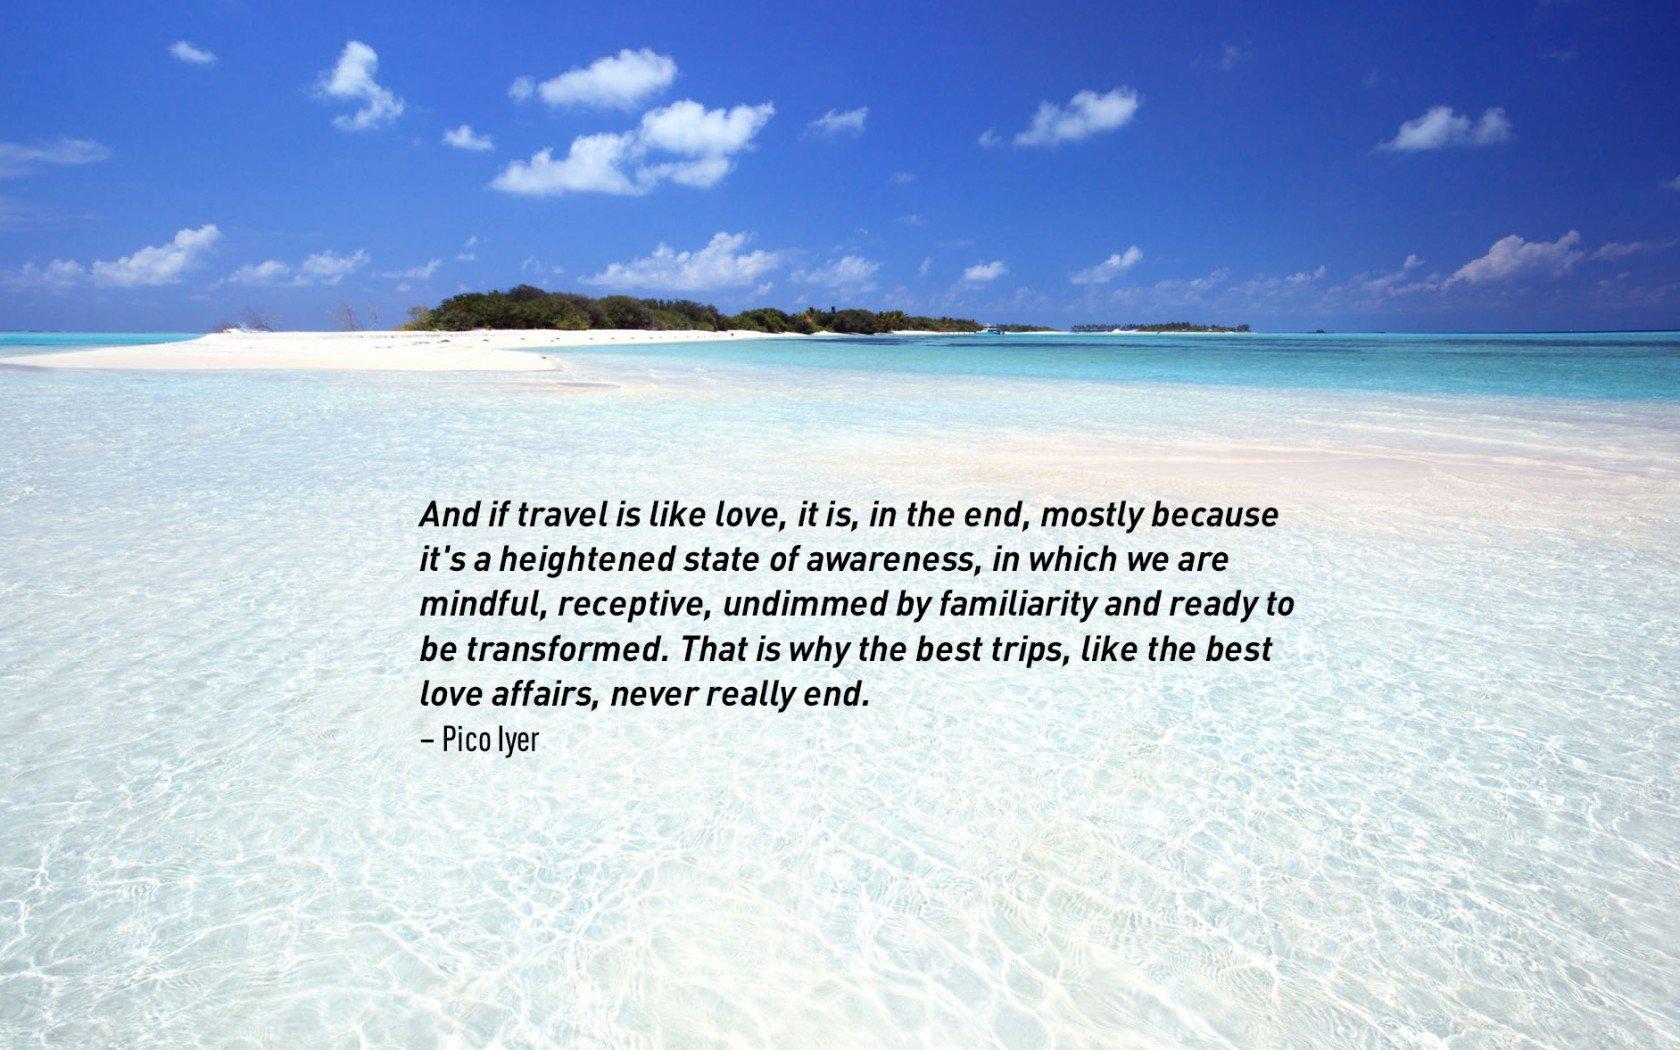 Citation de Pico Iyer sur les voyages.